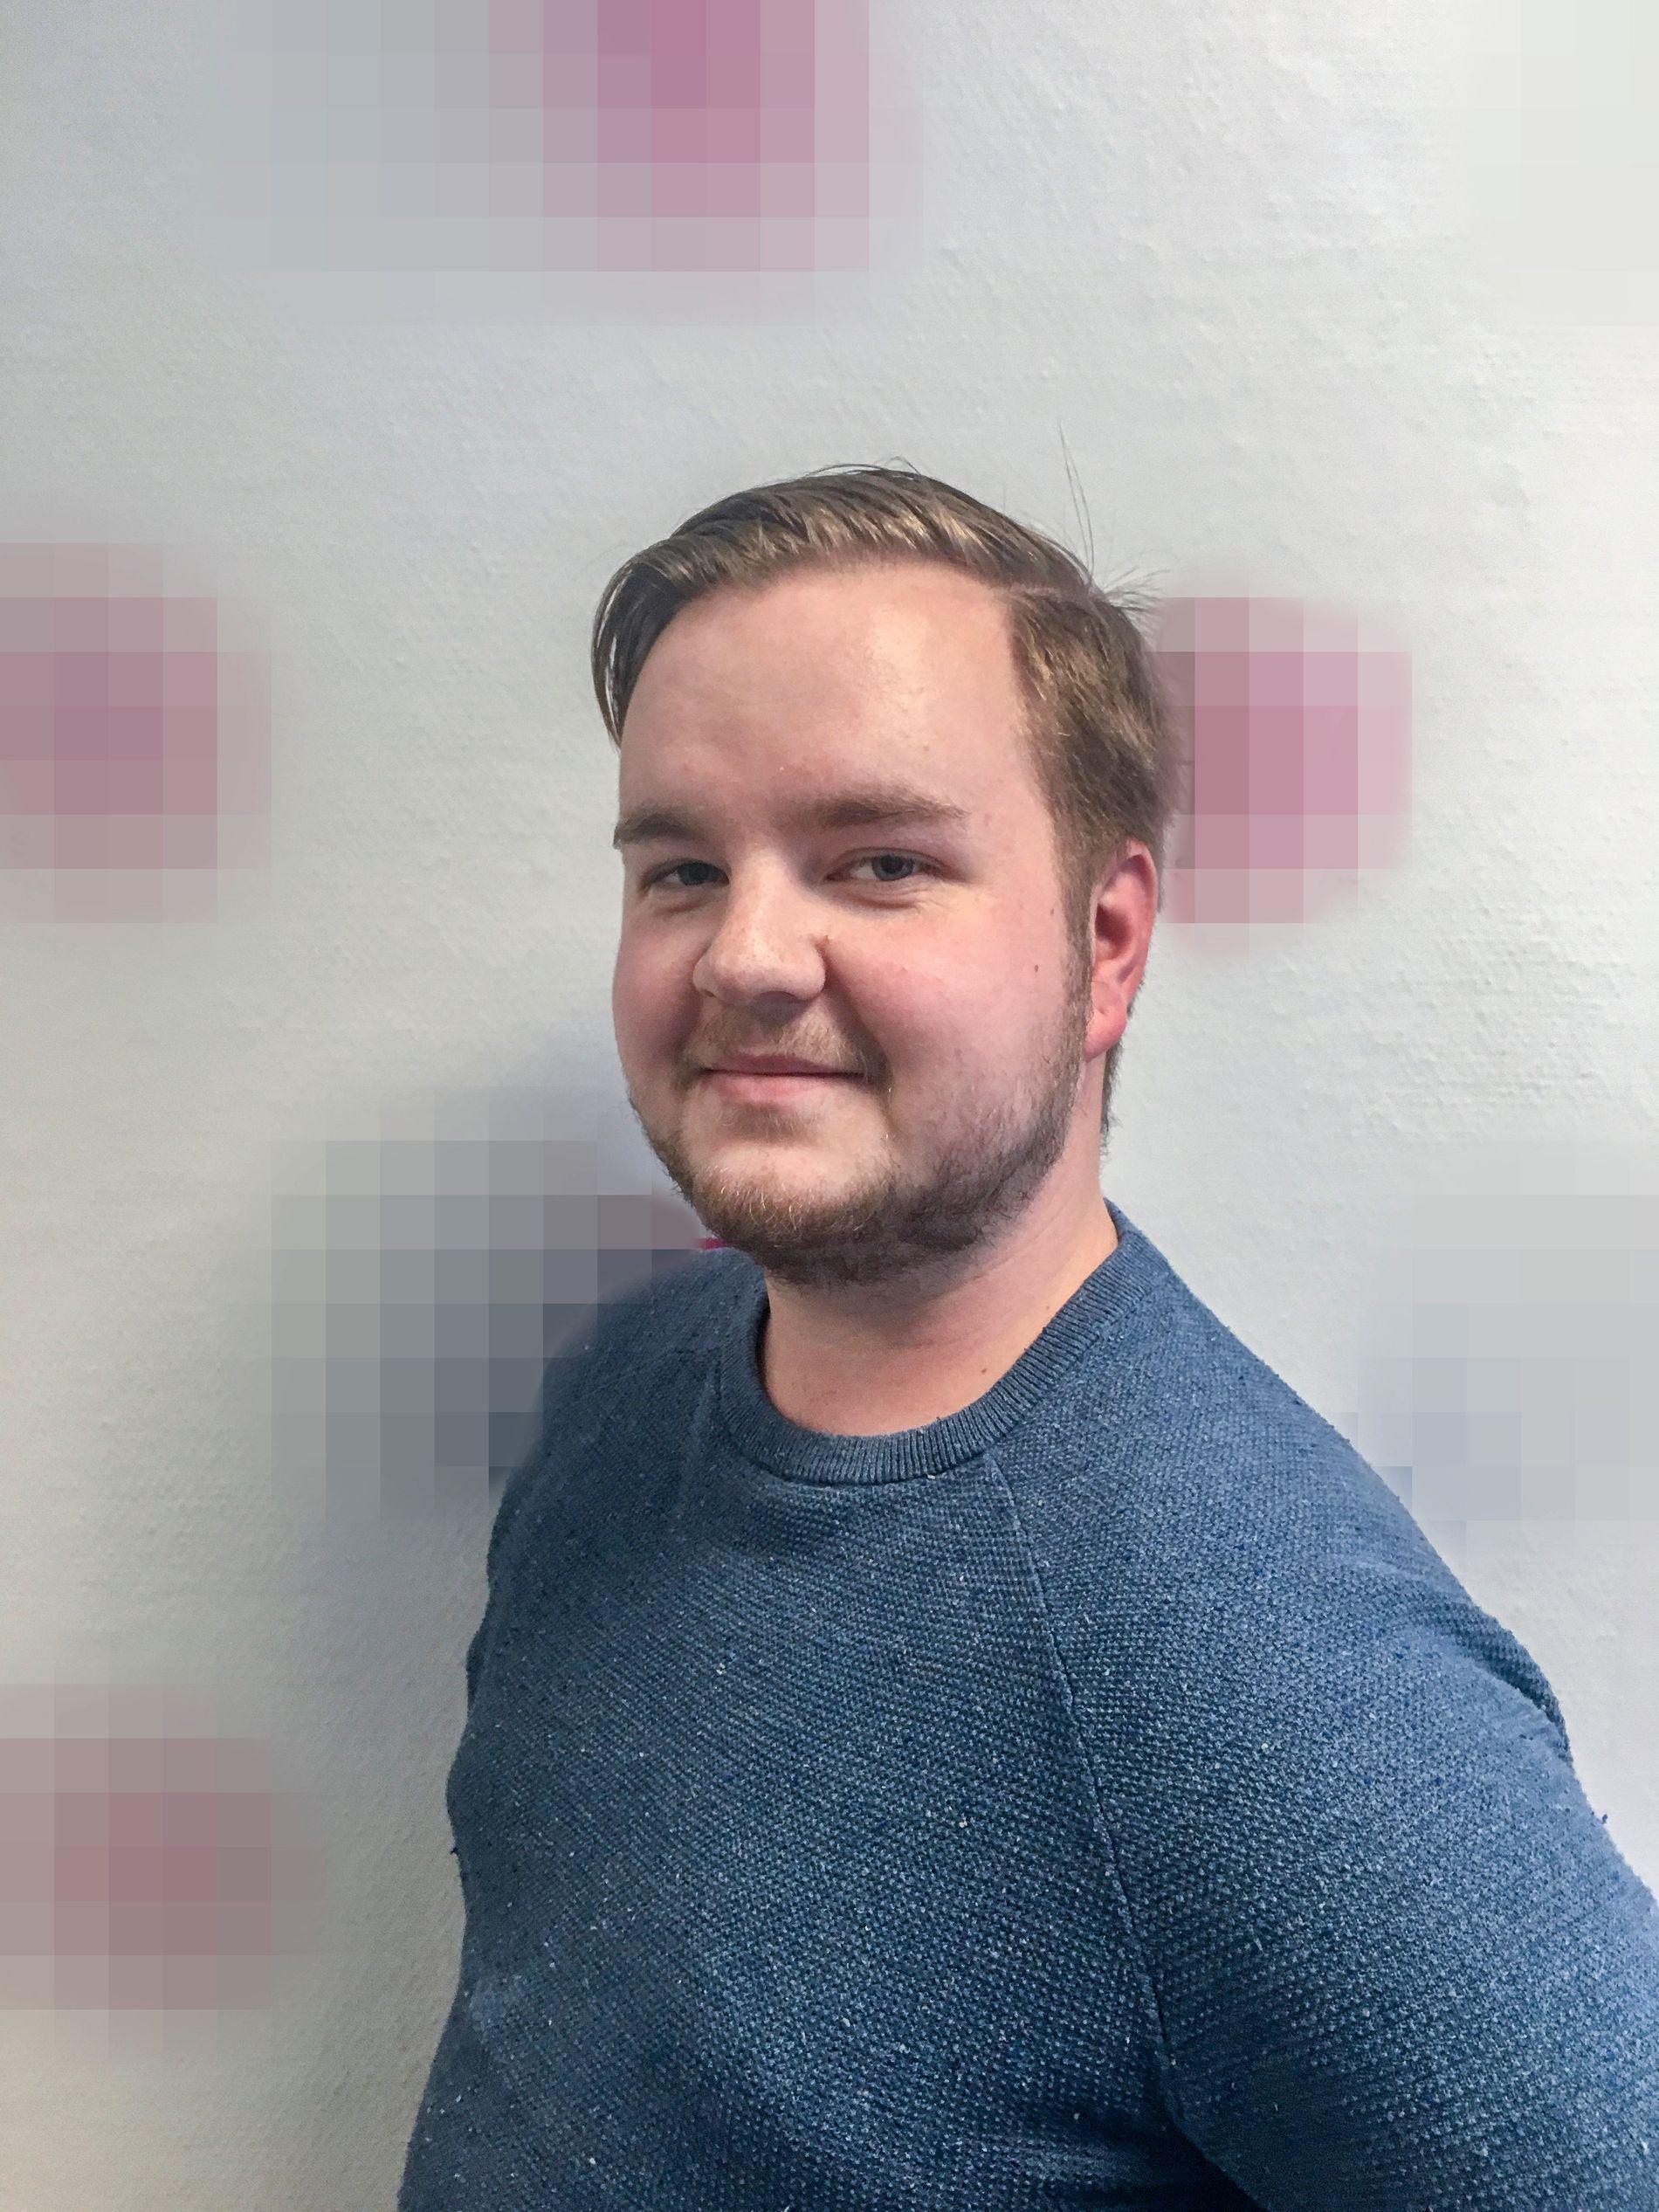 DREPT: Heikki Bjørklund Paltto (24) ble drept i leiligheten sin på Majorstuen i Oslo. Makaveli Lindén er siktet og internasjonalt etterlyst for drapet.